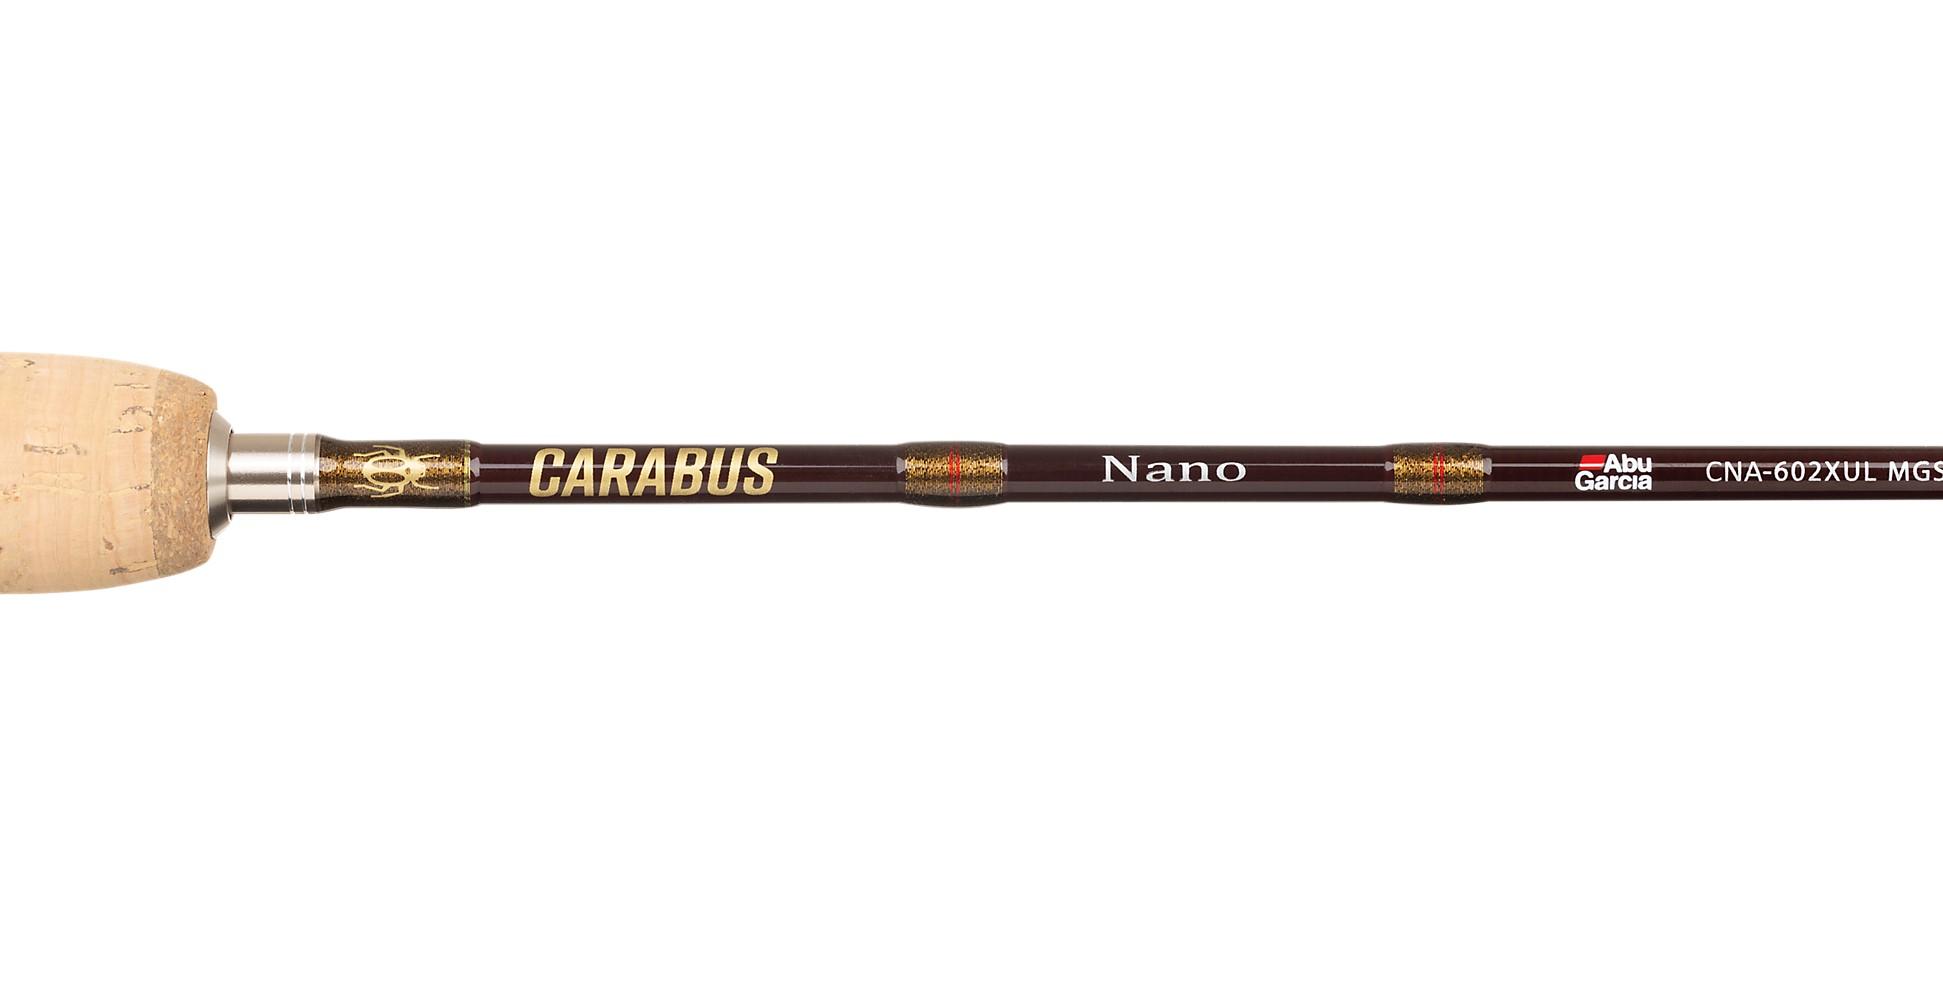 1. Carabus_Nano_2021_1525853_alt1.jpg